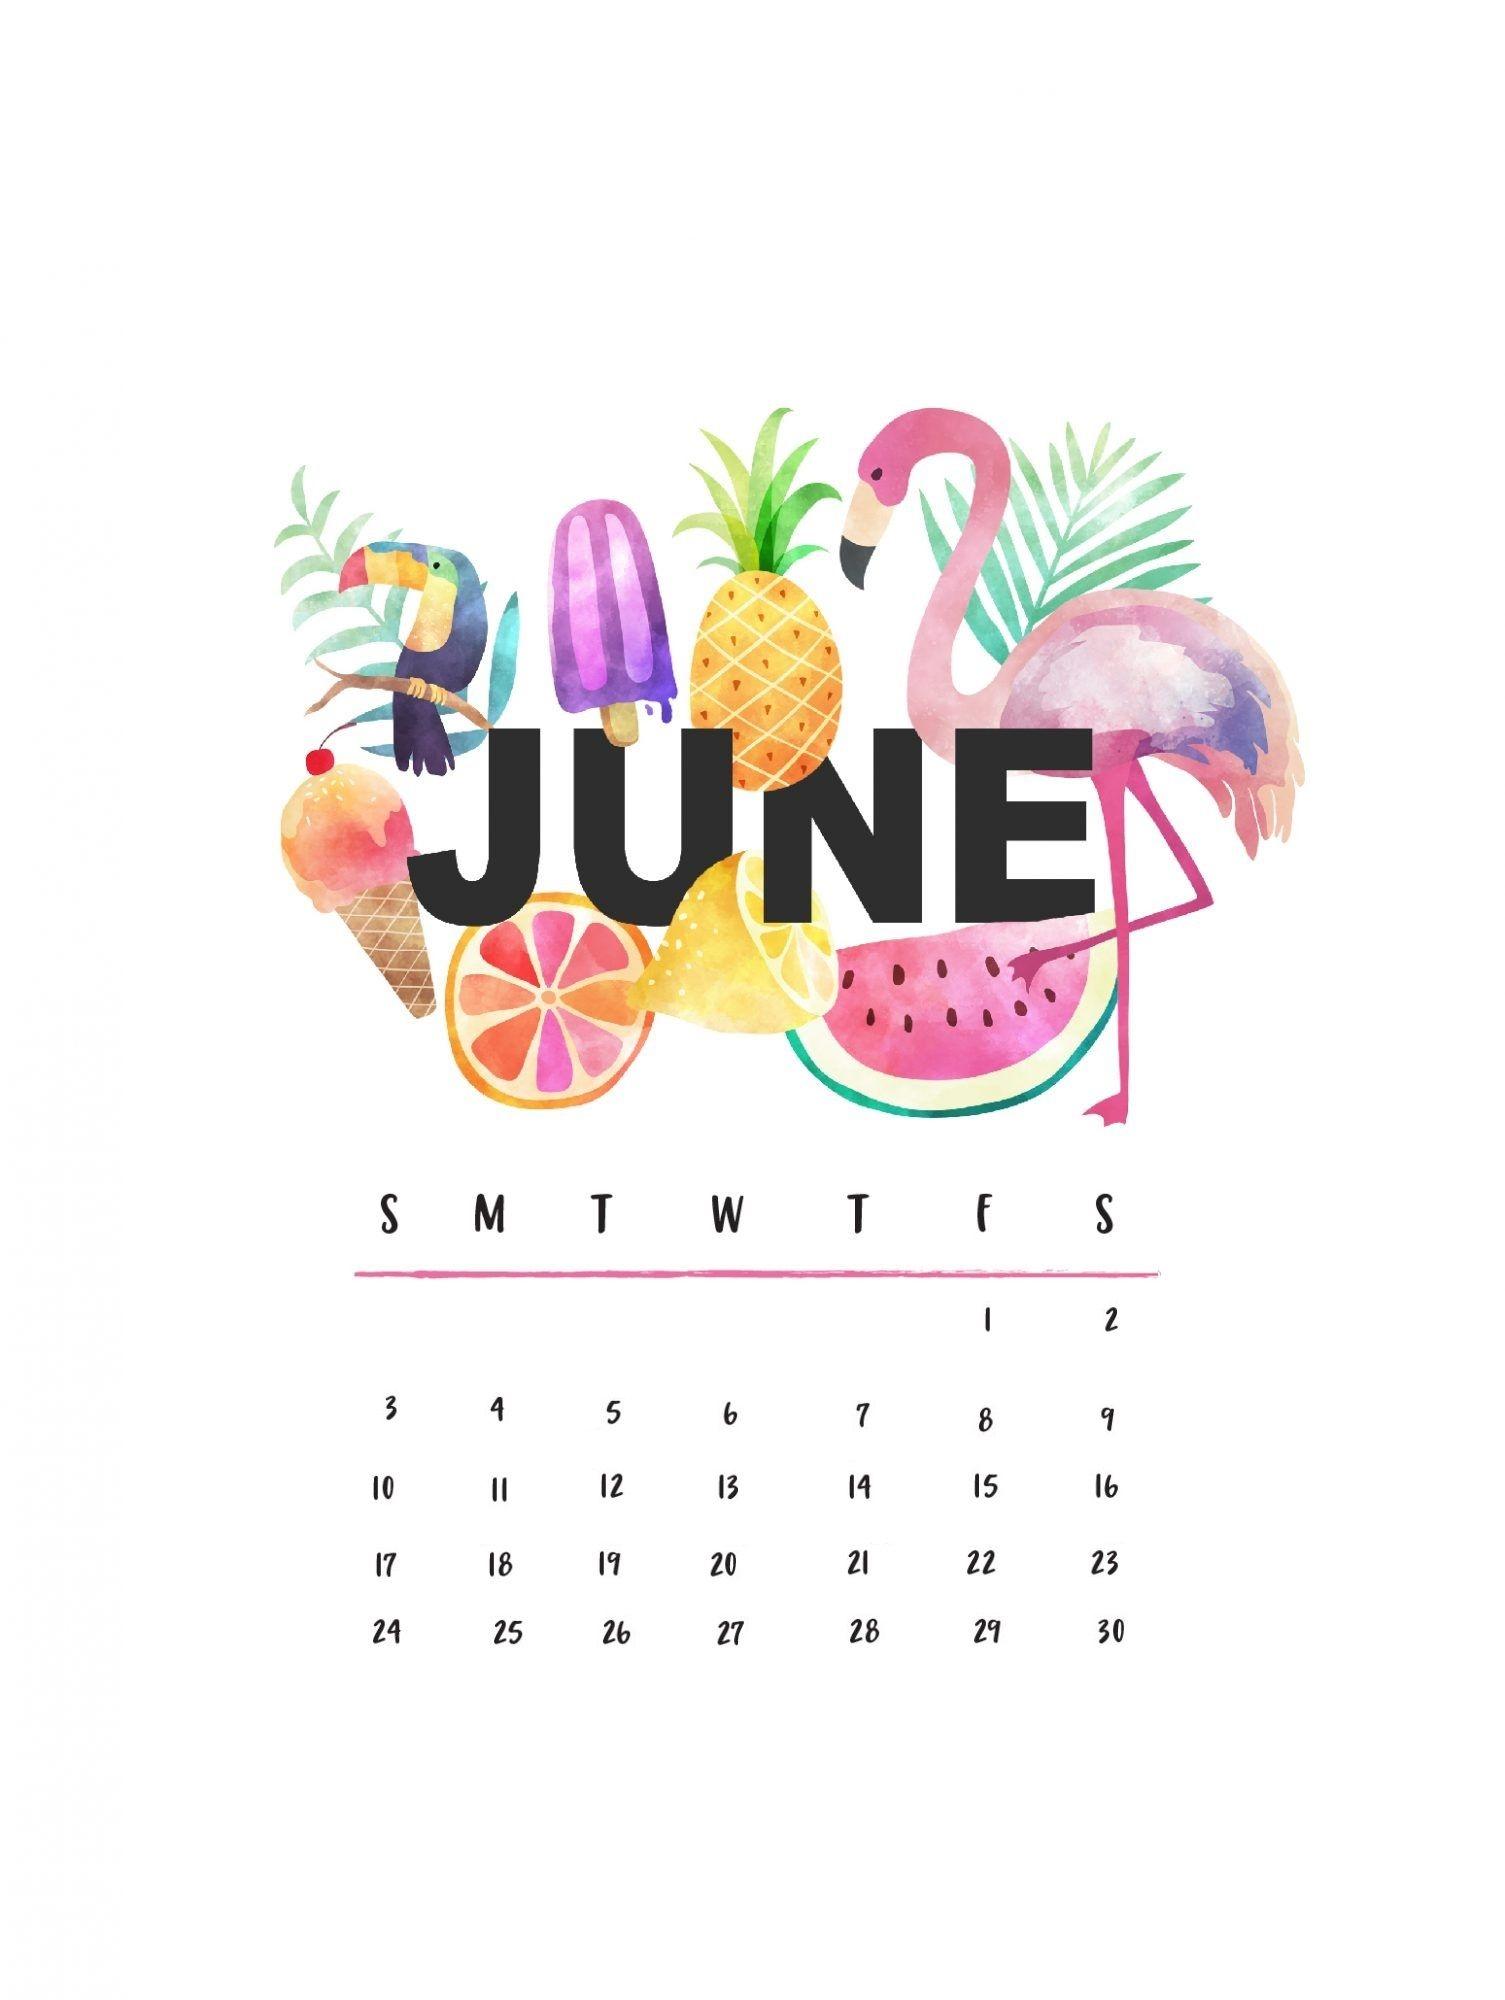 beautiful june 2019 iphone calendar wallpapers::June 2019 iPhone Calendar Wallpaper